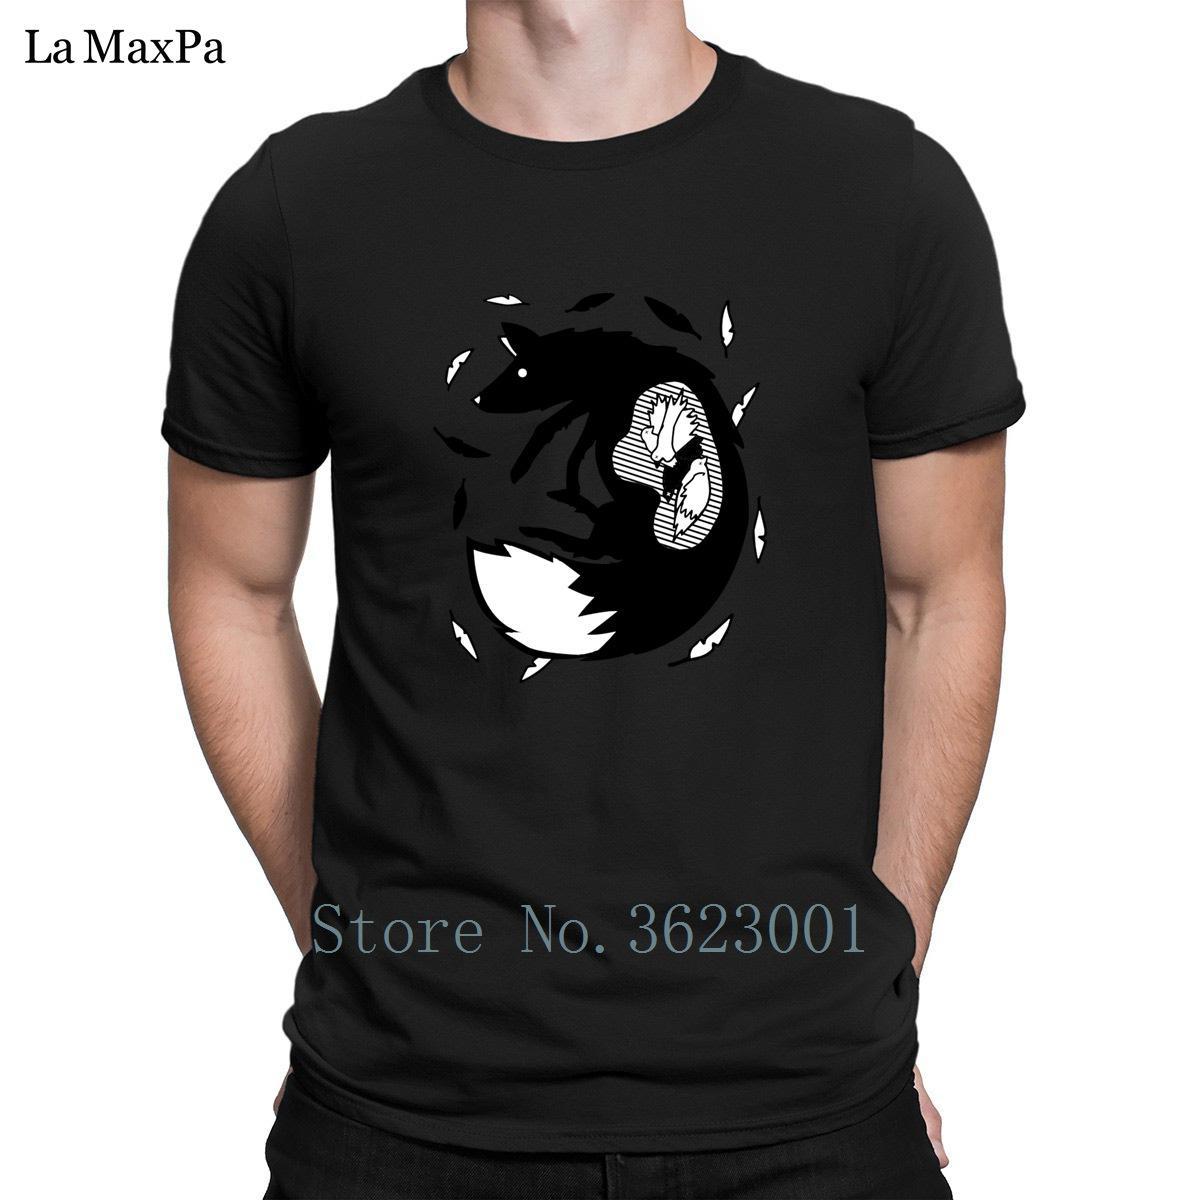 Классическая футболка для мужчин все, что вы можете съесть голодная лиса животное искусство футболка человек мужской футболка Фанки мужская футболка хлопок сумасшедший